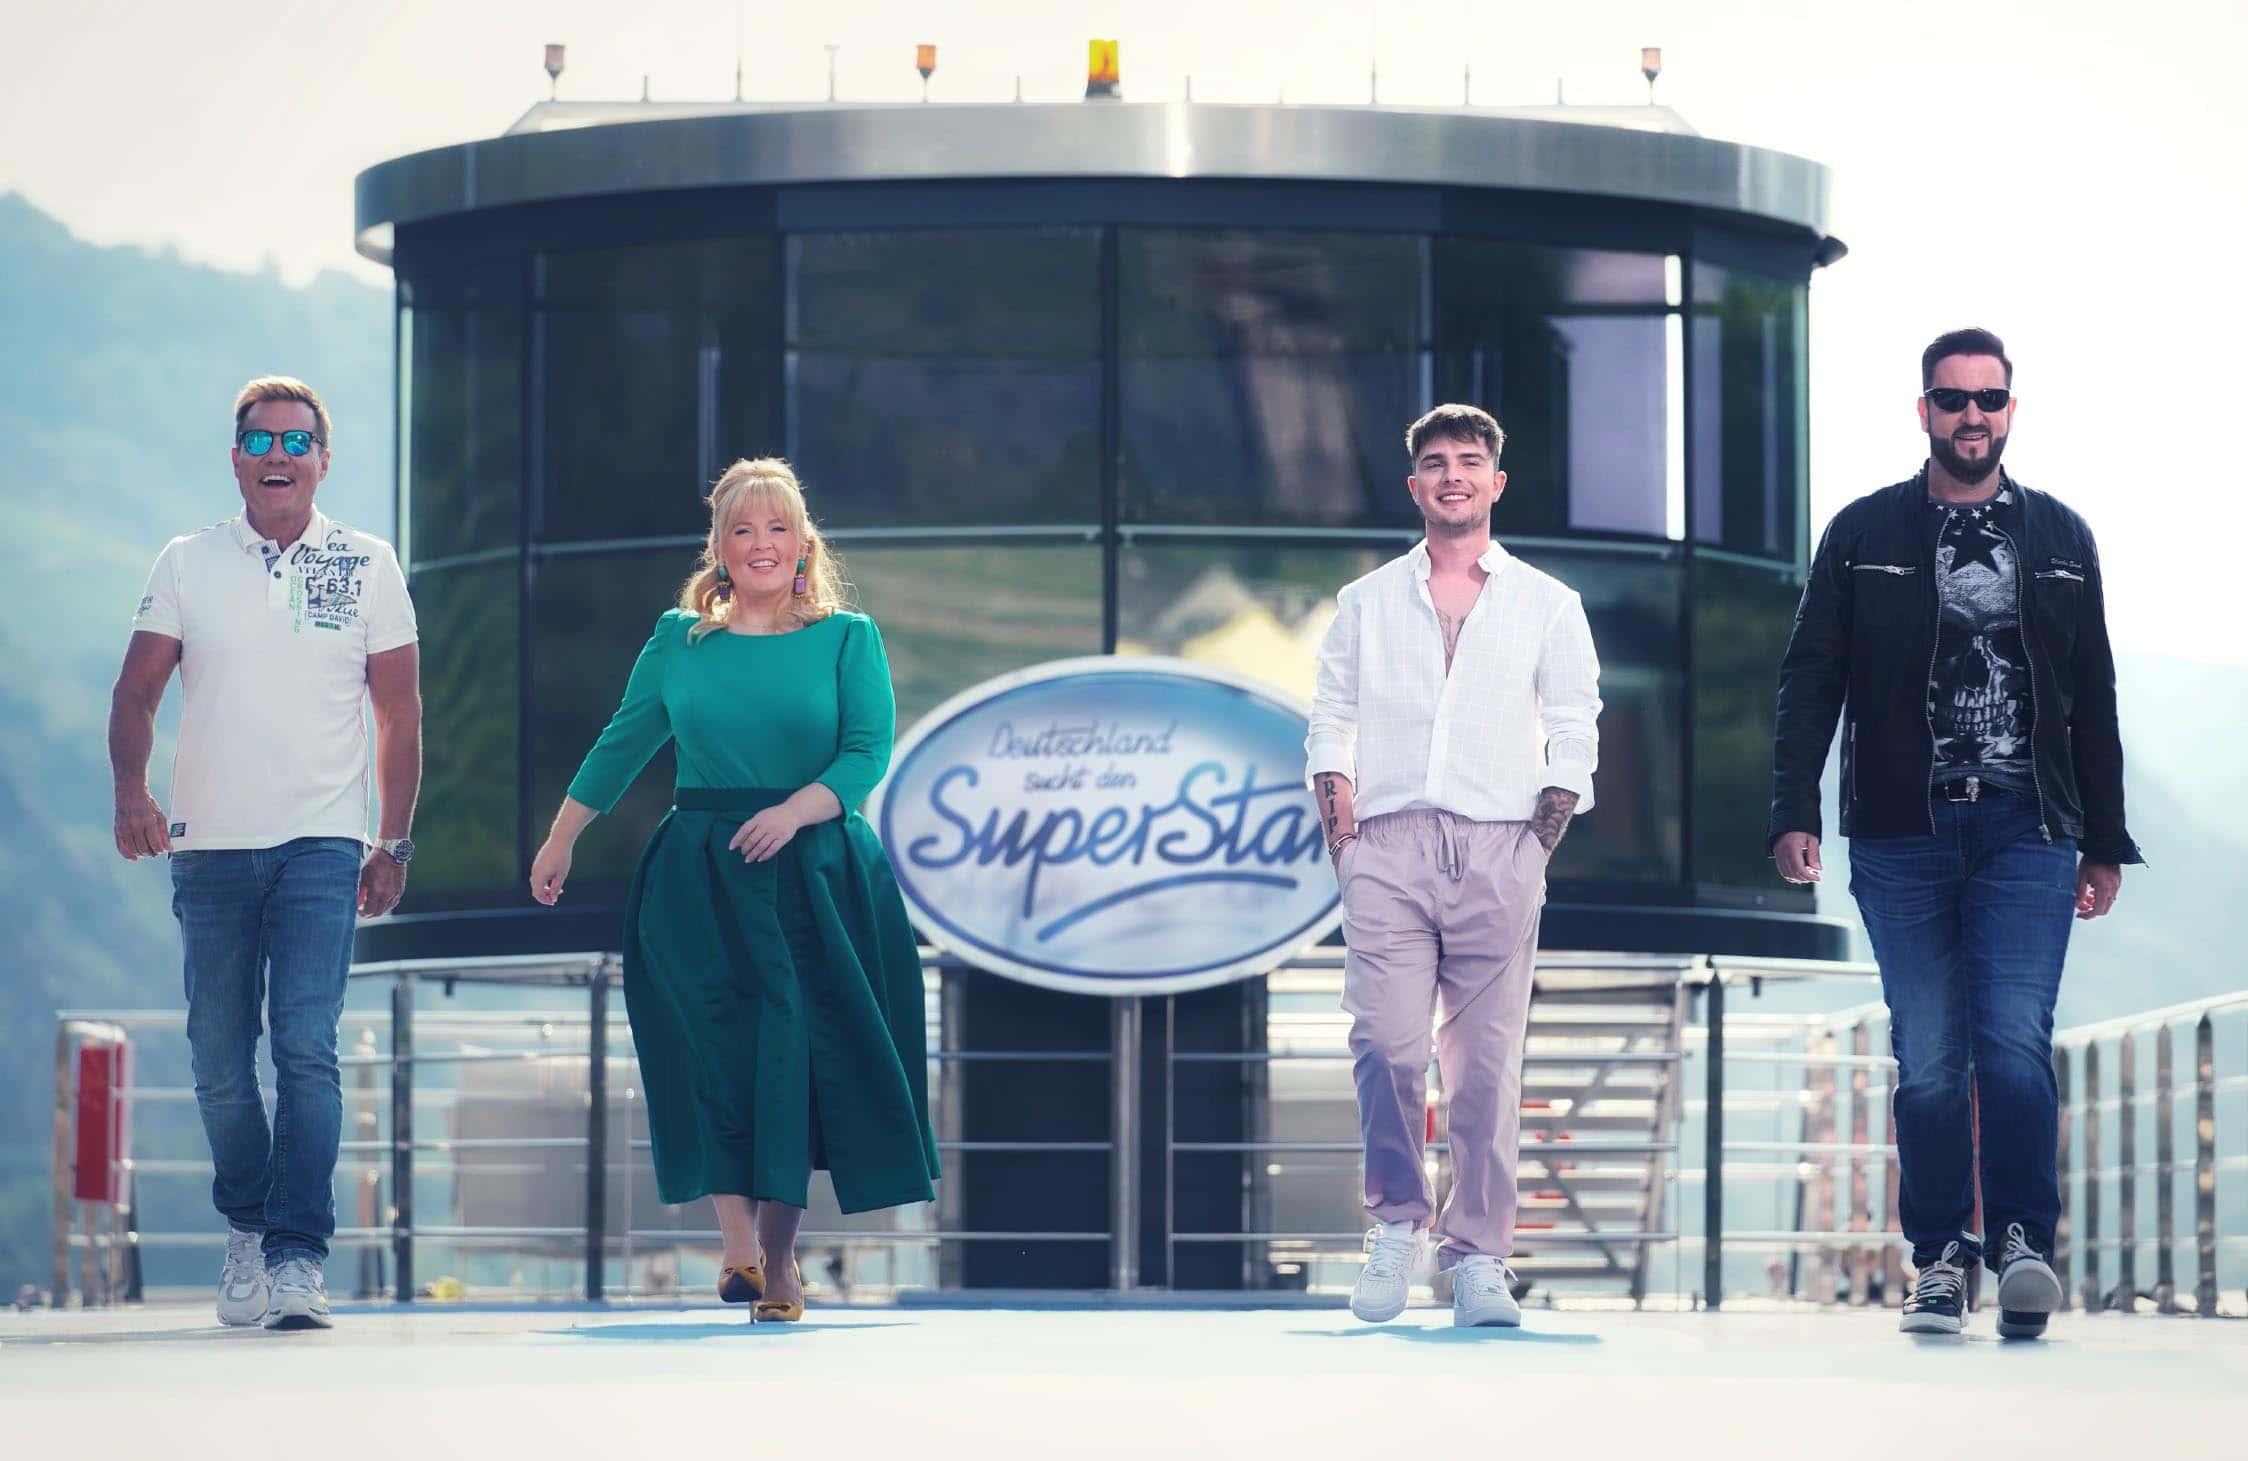 Dieter Bohlen, Maite Kelly, Mike Singer und Michael Wendler - Deutschland sucht den Superstar